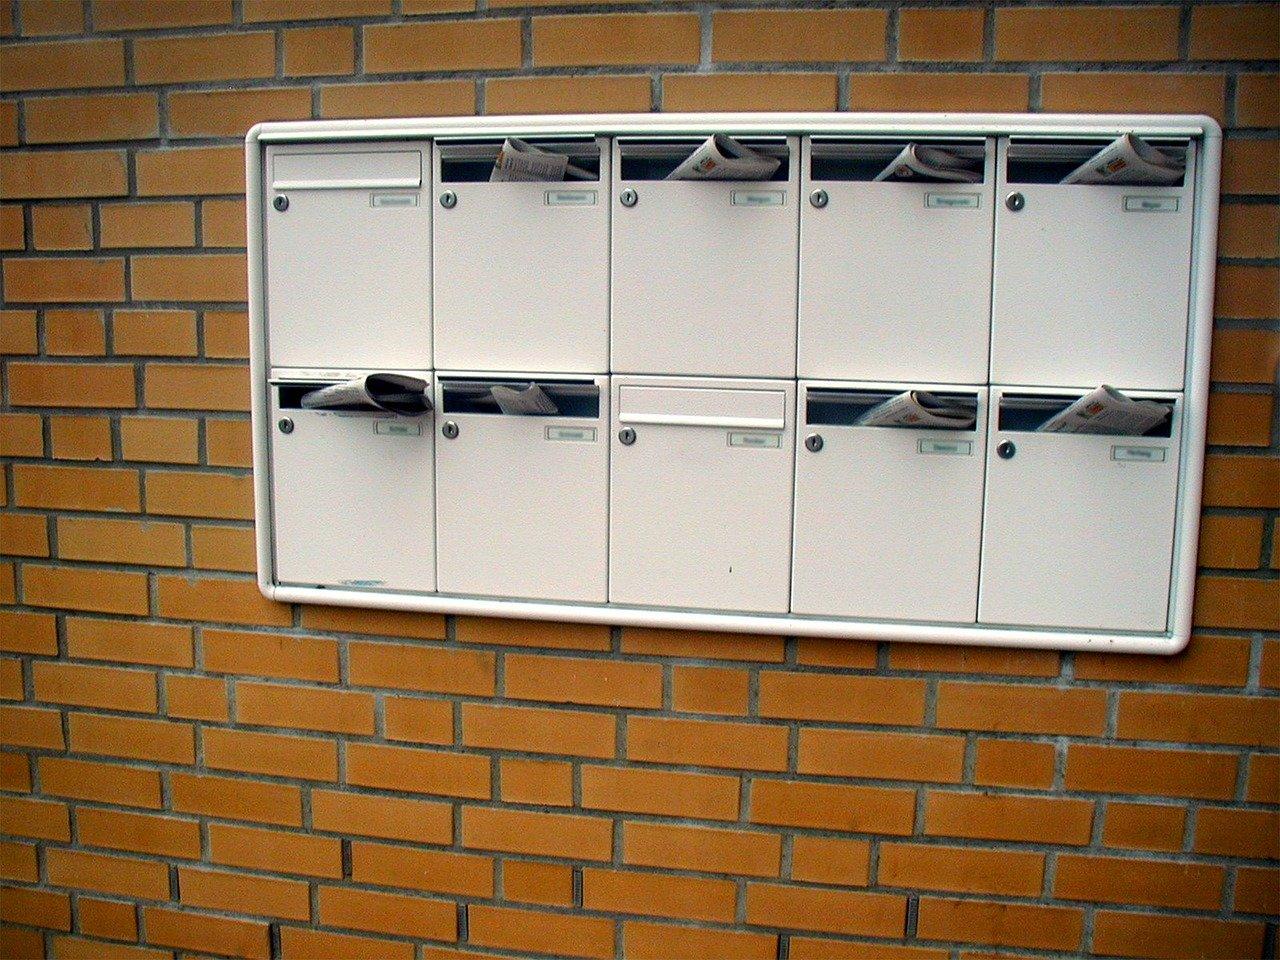 Unterputz-Briefkästen gibt es in unterschiedliche Größen, auch für Mehrfamilienhäuser.